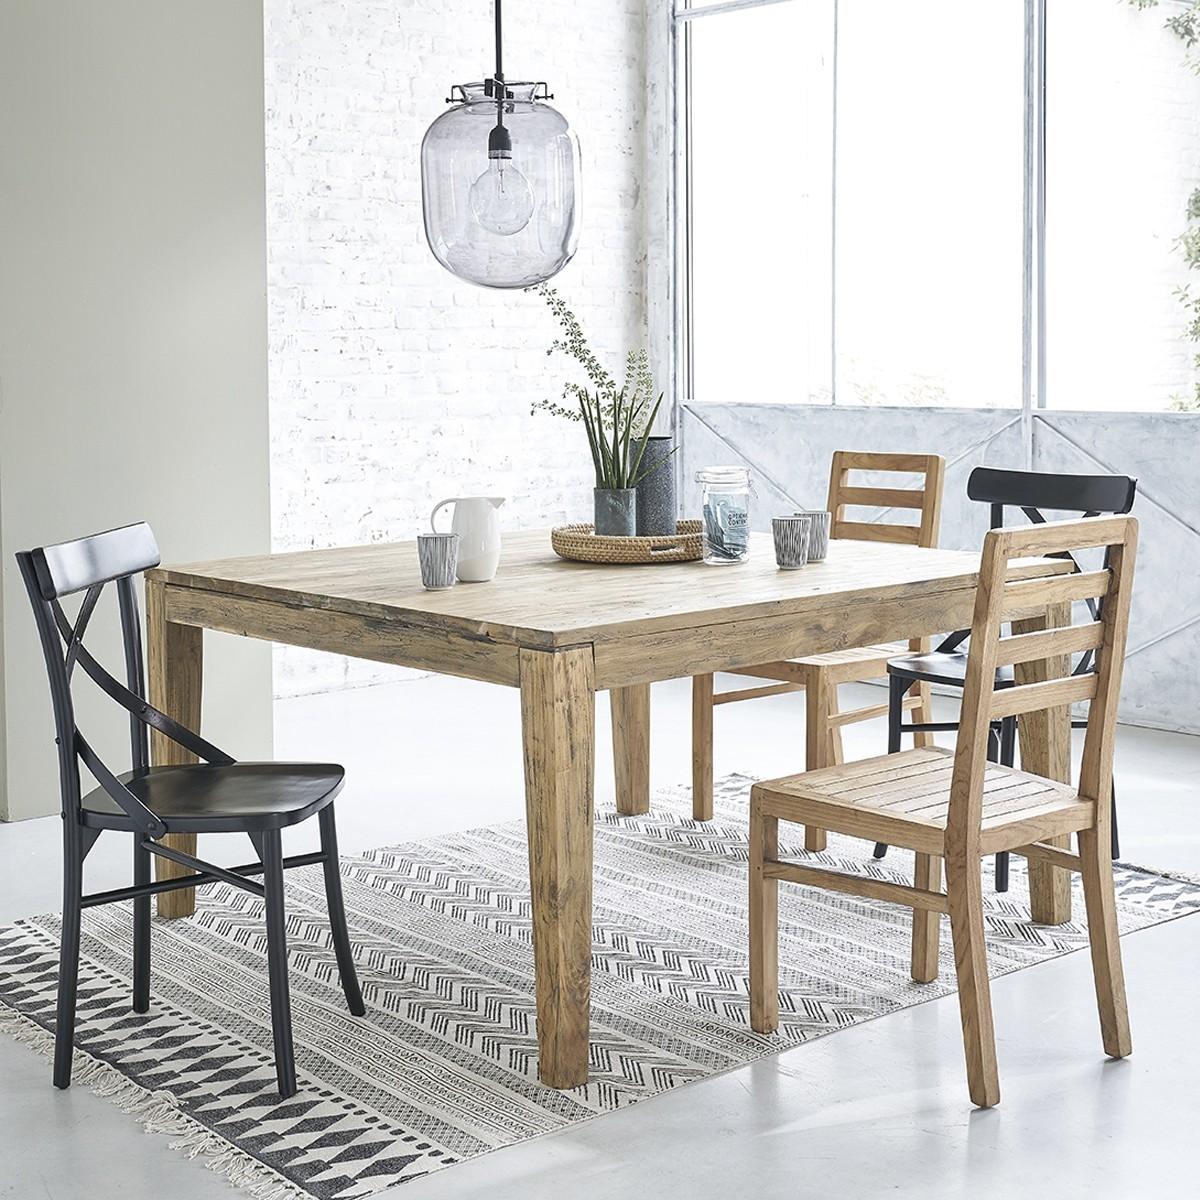 table extensible en bois de teck recycle carree 12 personnes cargo